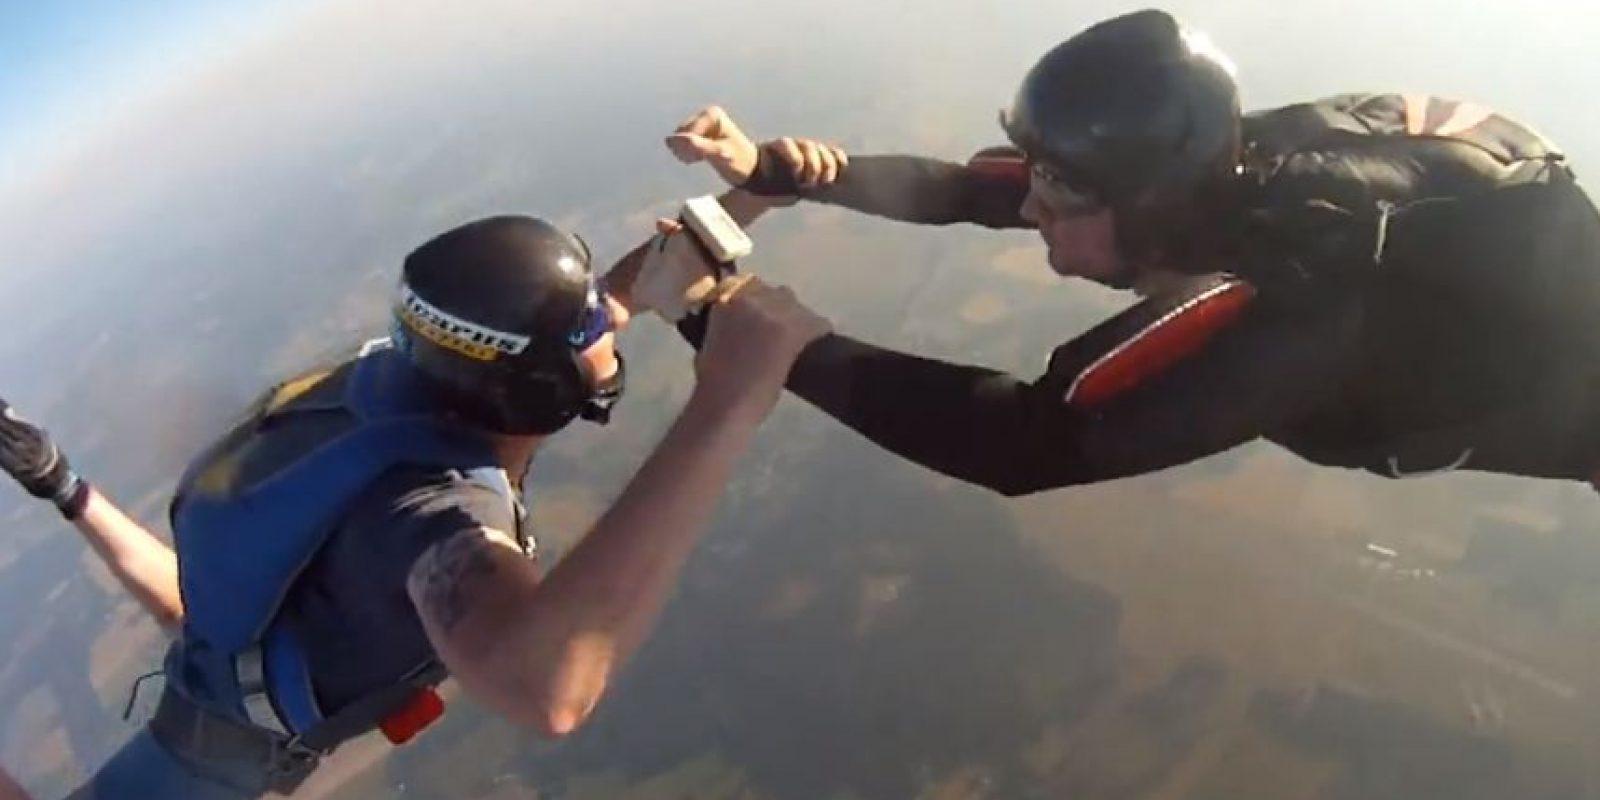 Una sesión de paracaidismo terminó de una forma extraña. Foto:Kristoffer Örstadius